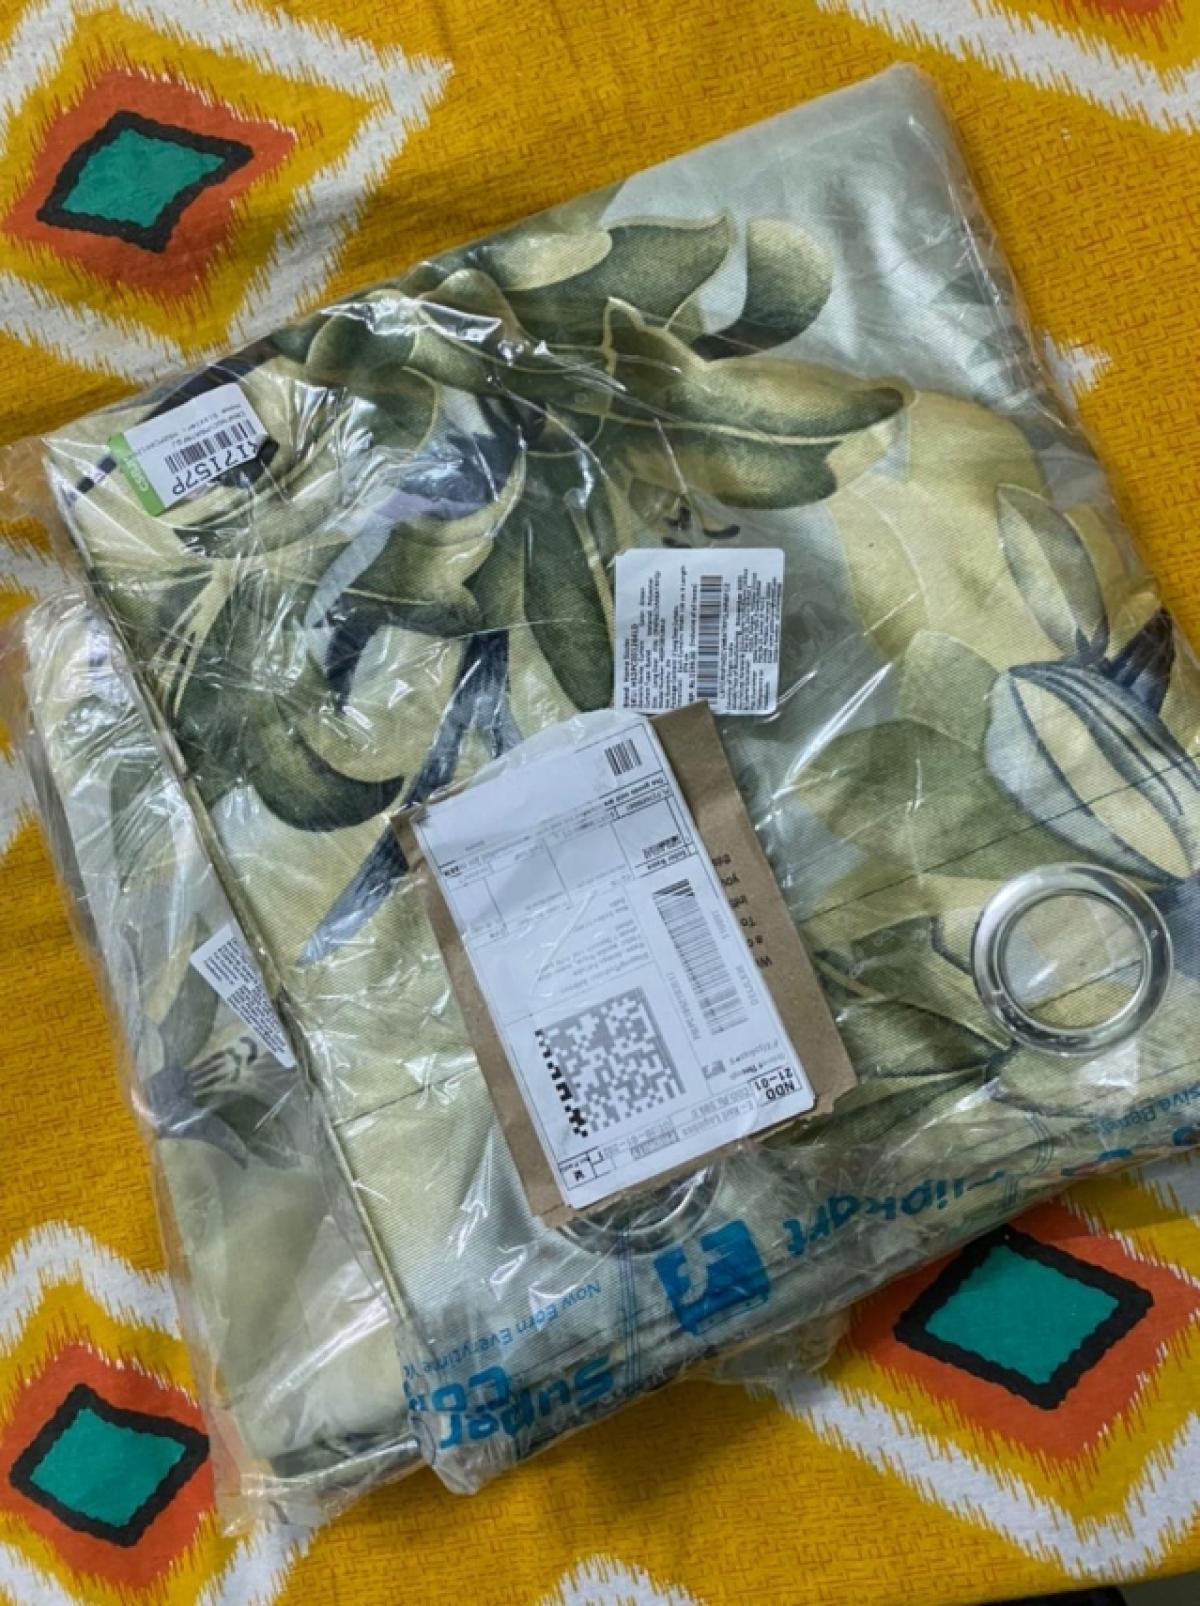 Flipkart's transparent packaging